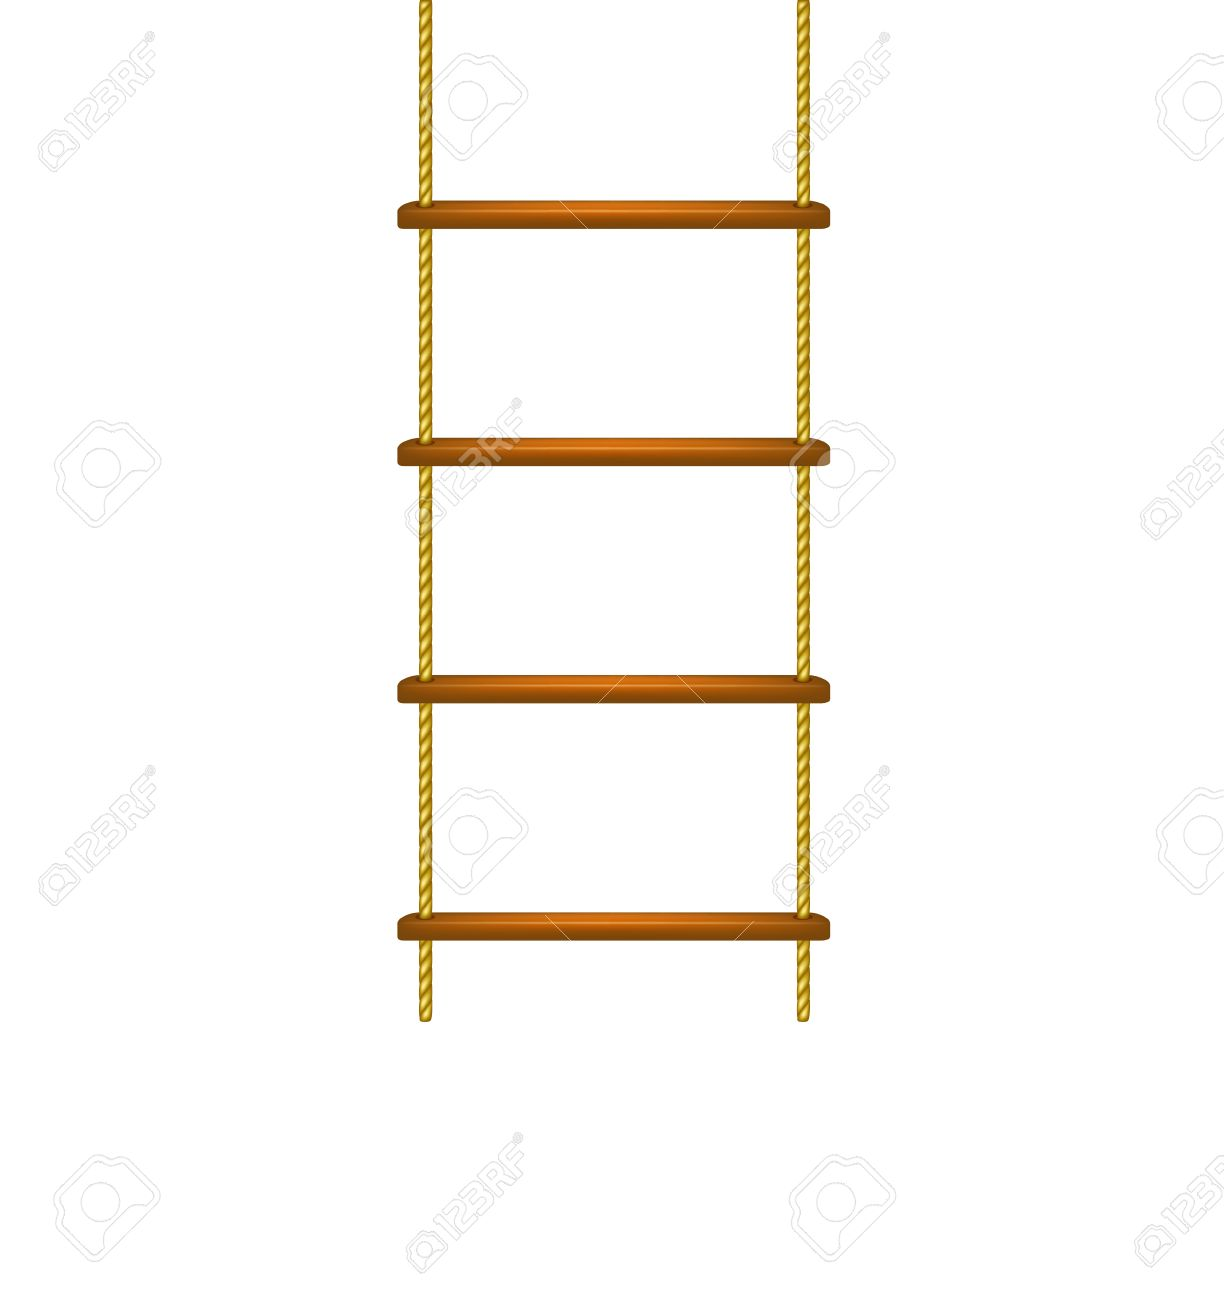 escalera de cuerda de madera foto de archivo